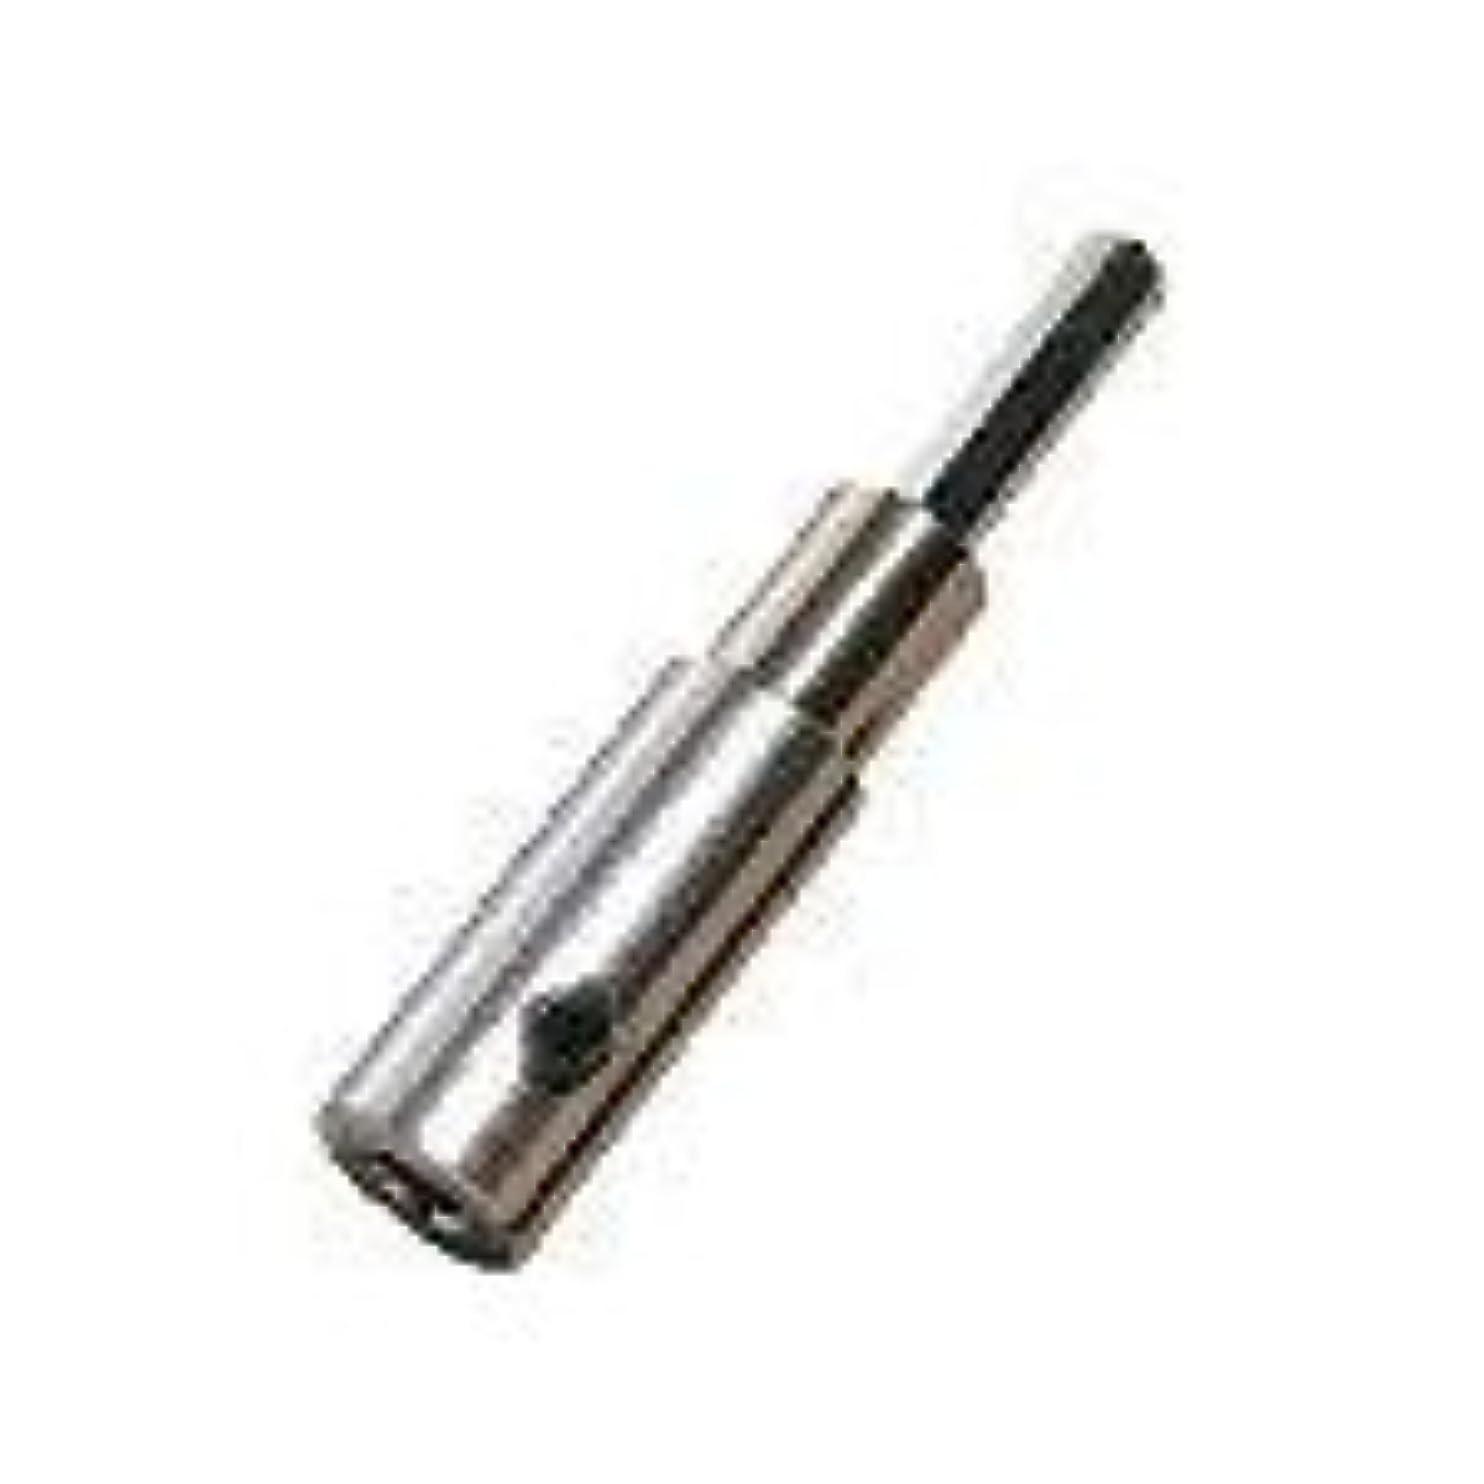 タンク投資する酸素吉岡 ベーススパイラル専用 ドリルチャック 一般電気ドリル用 BS-D